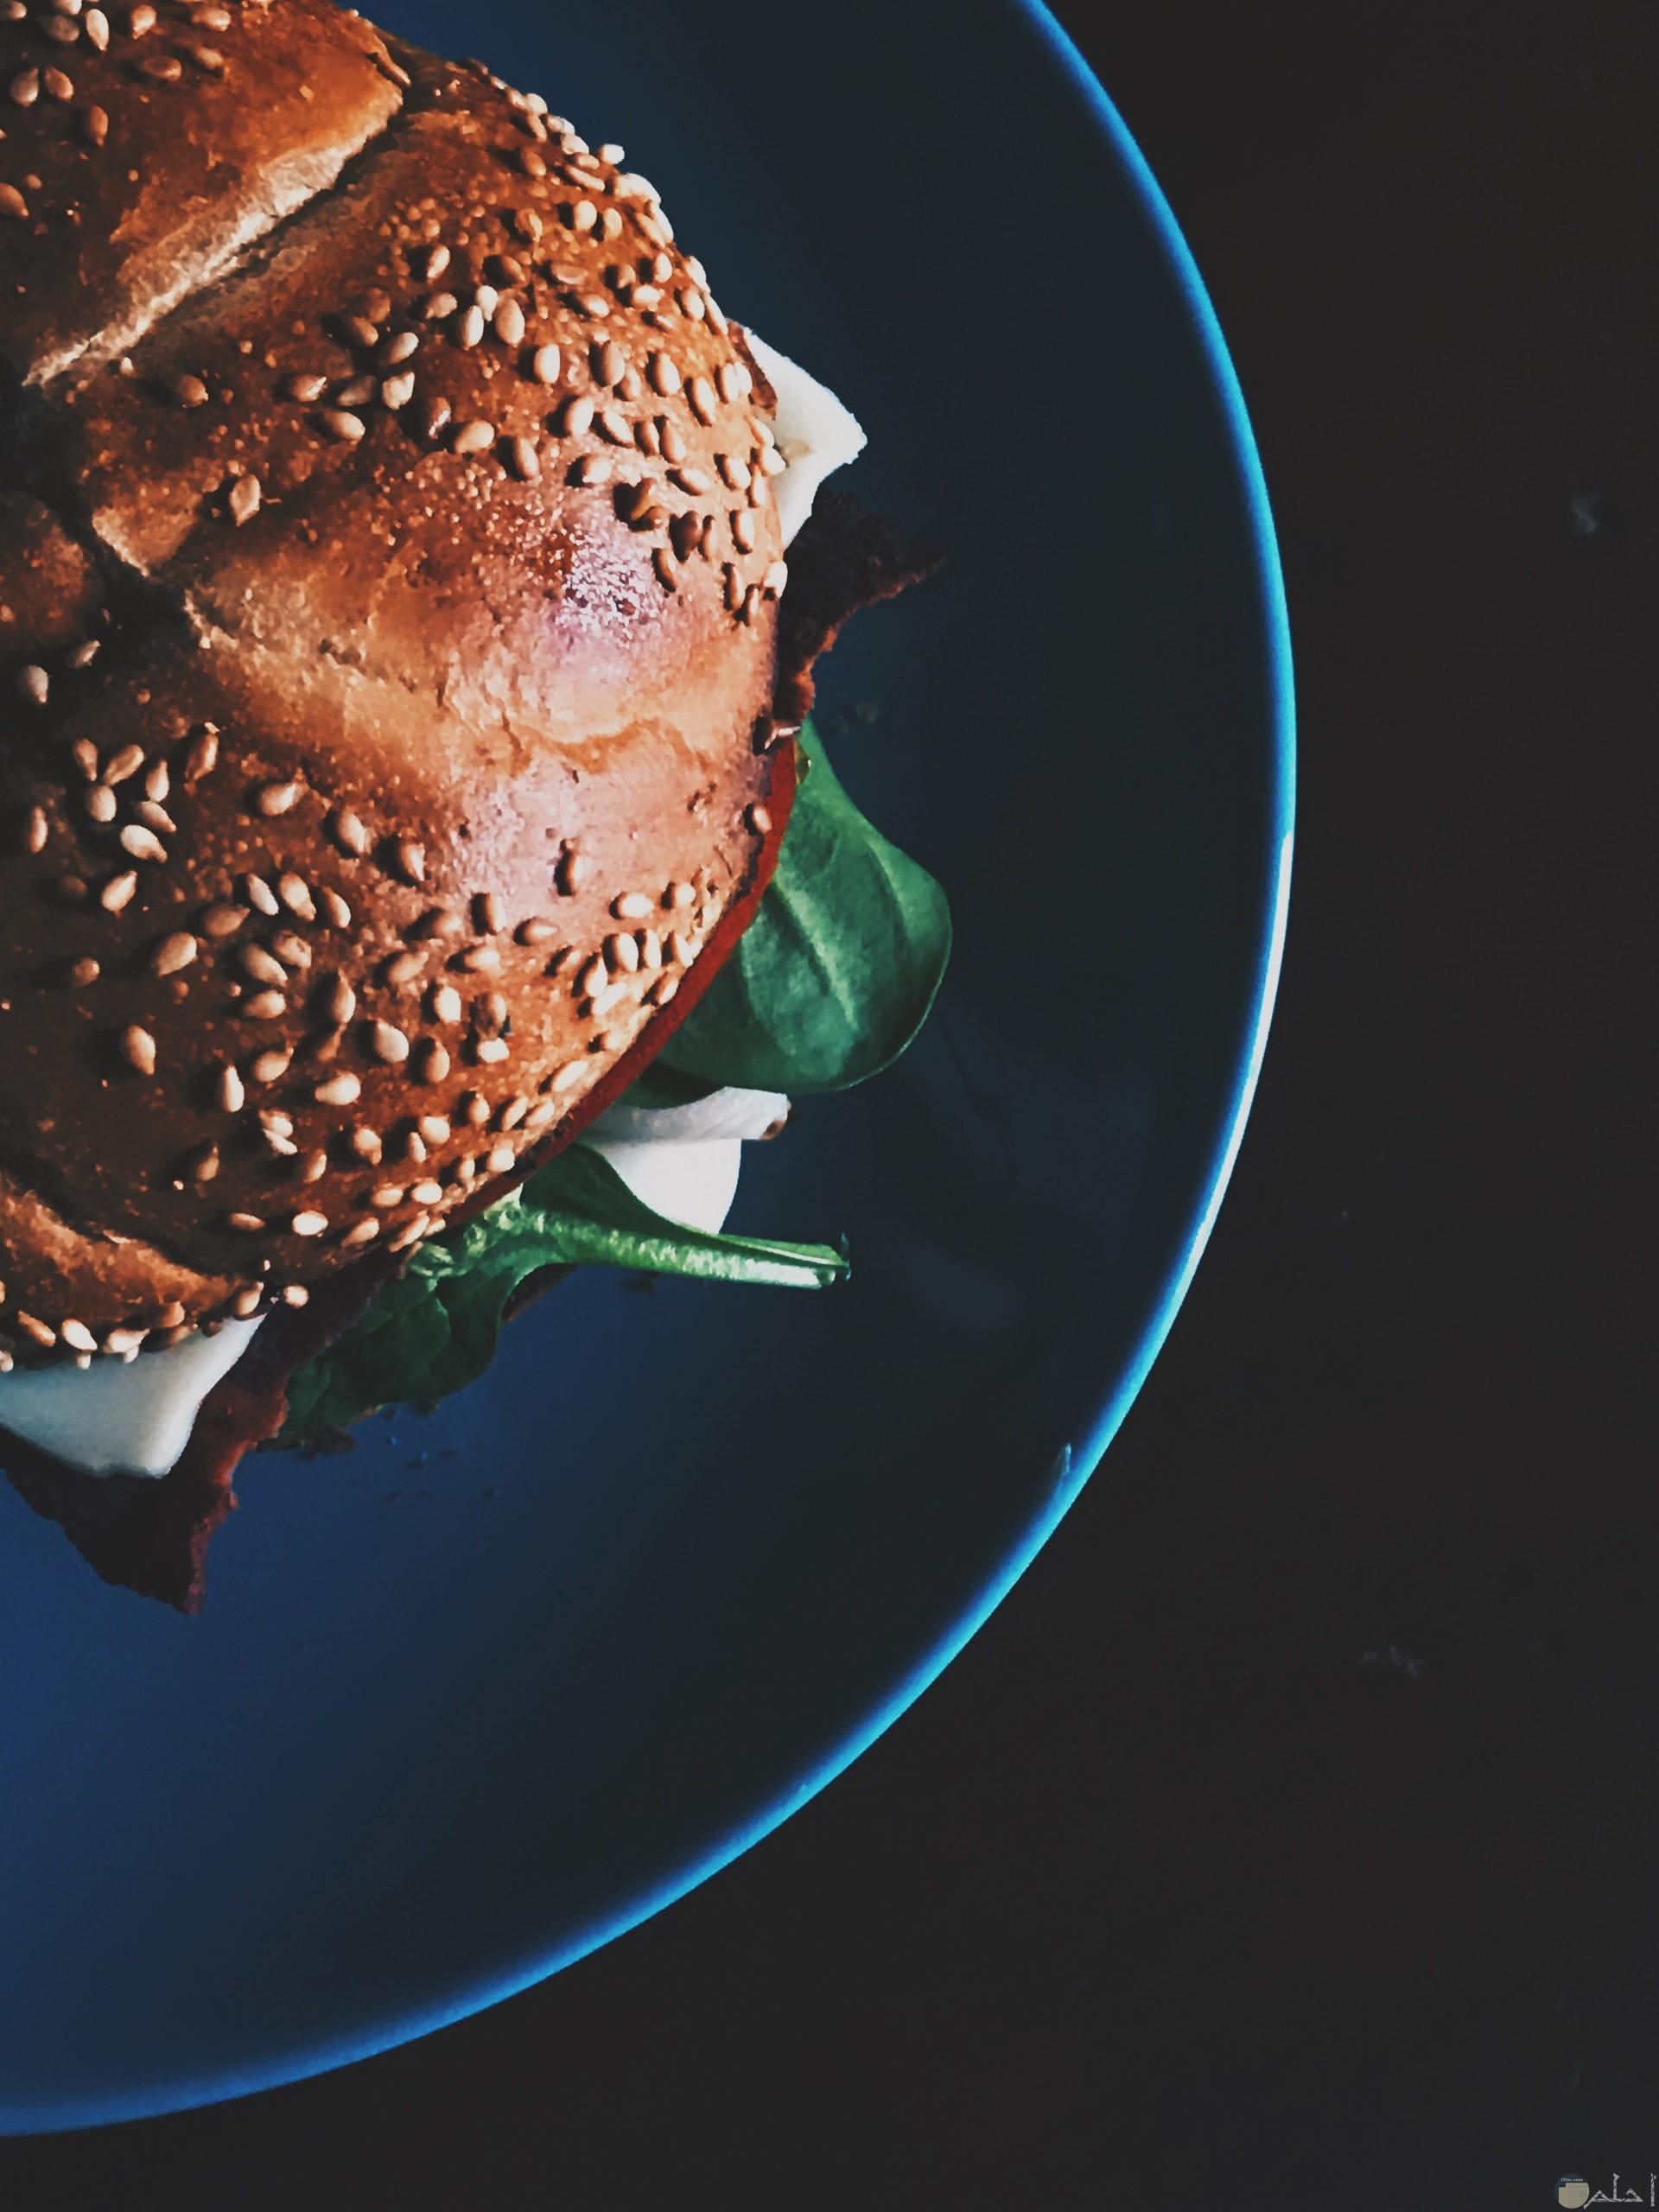 صورة مميزة لساندوتش برجر شهي علي طبق أزرق